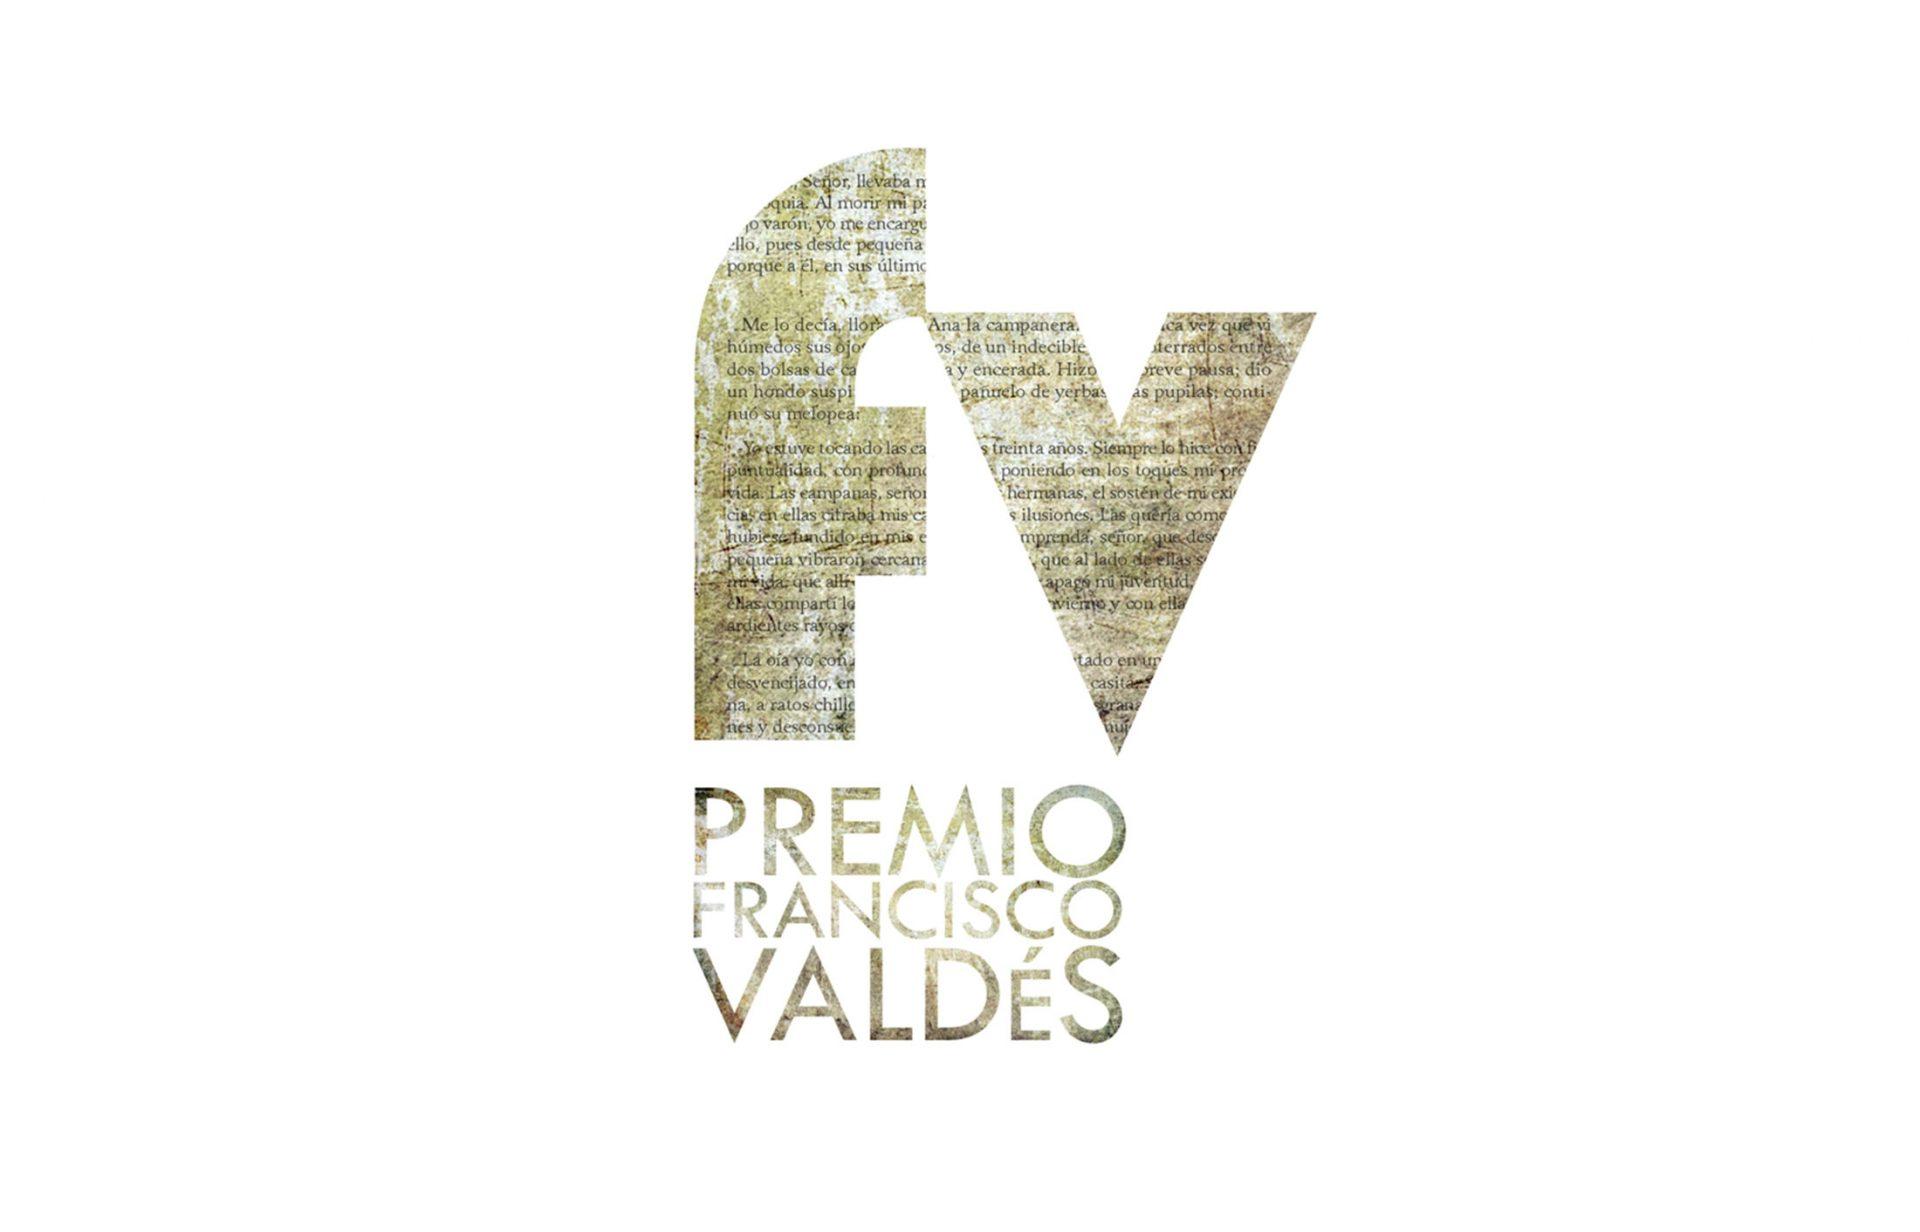 Francisco Valdés